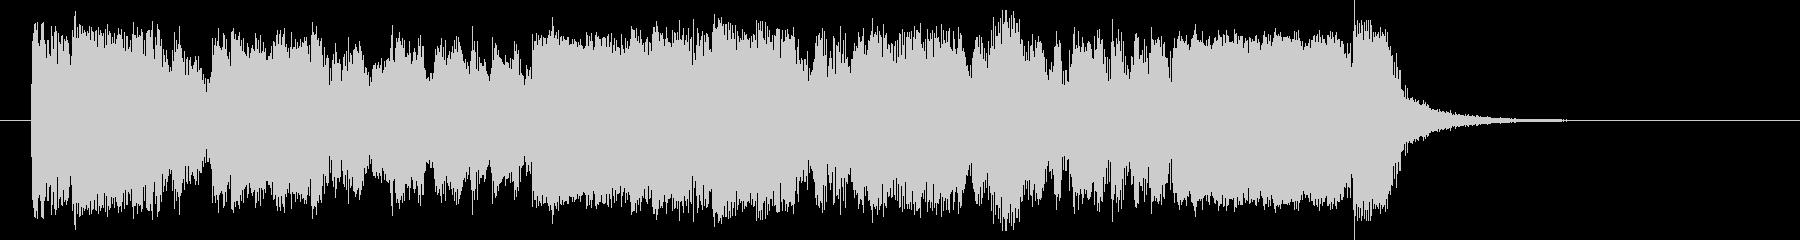 勢いがありエレクトーンが印象的なBGMの未再生の波形